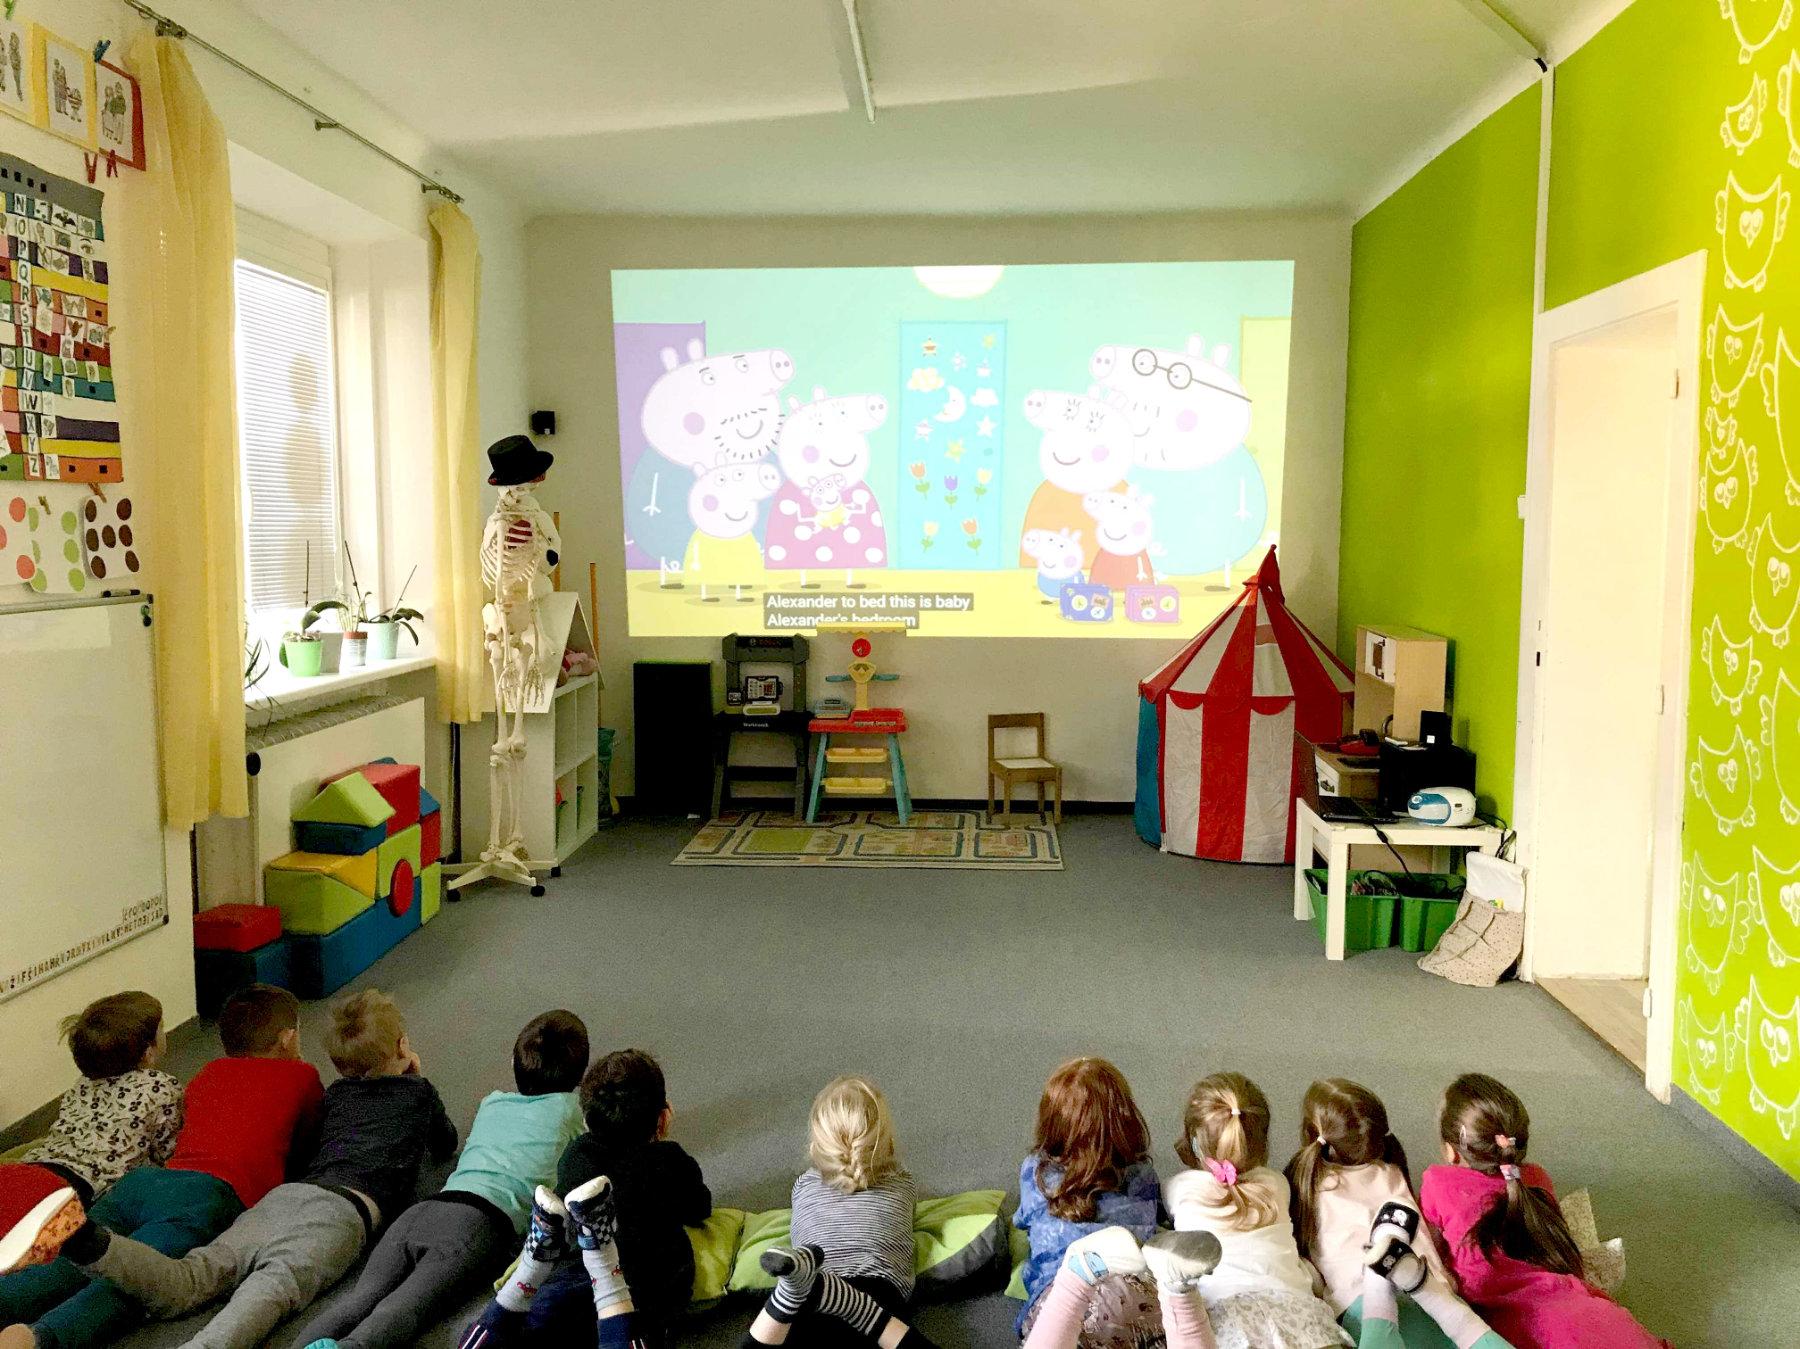 Univerzitka - materska skolka Brno - Anglicky jazyk